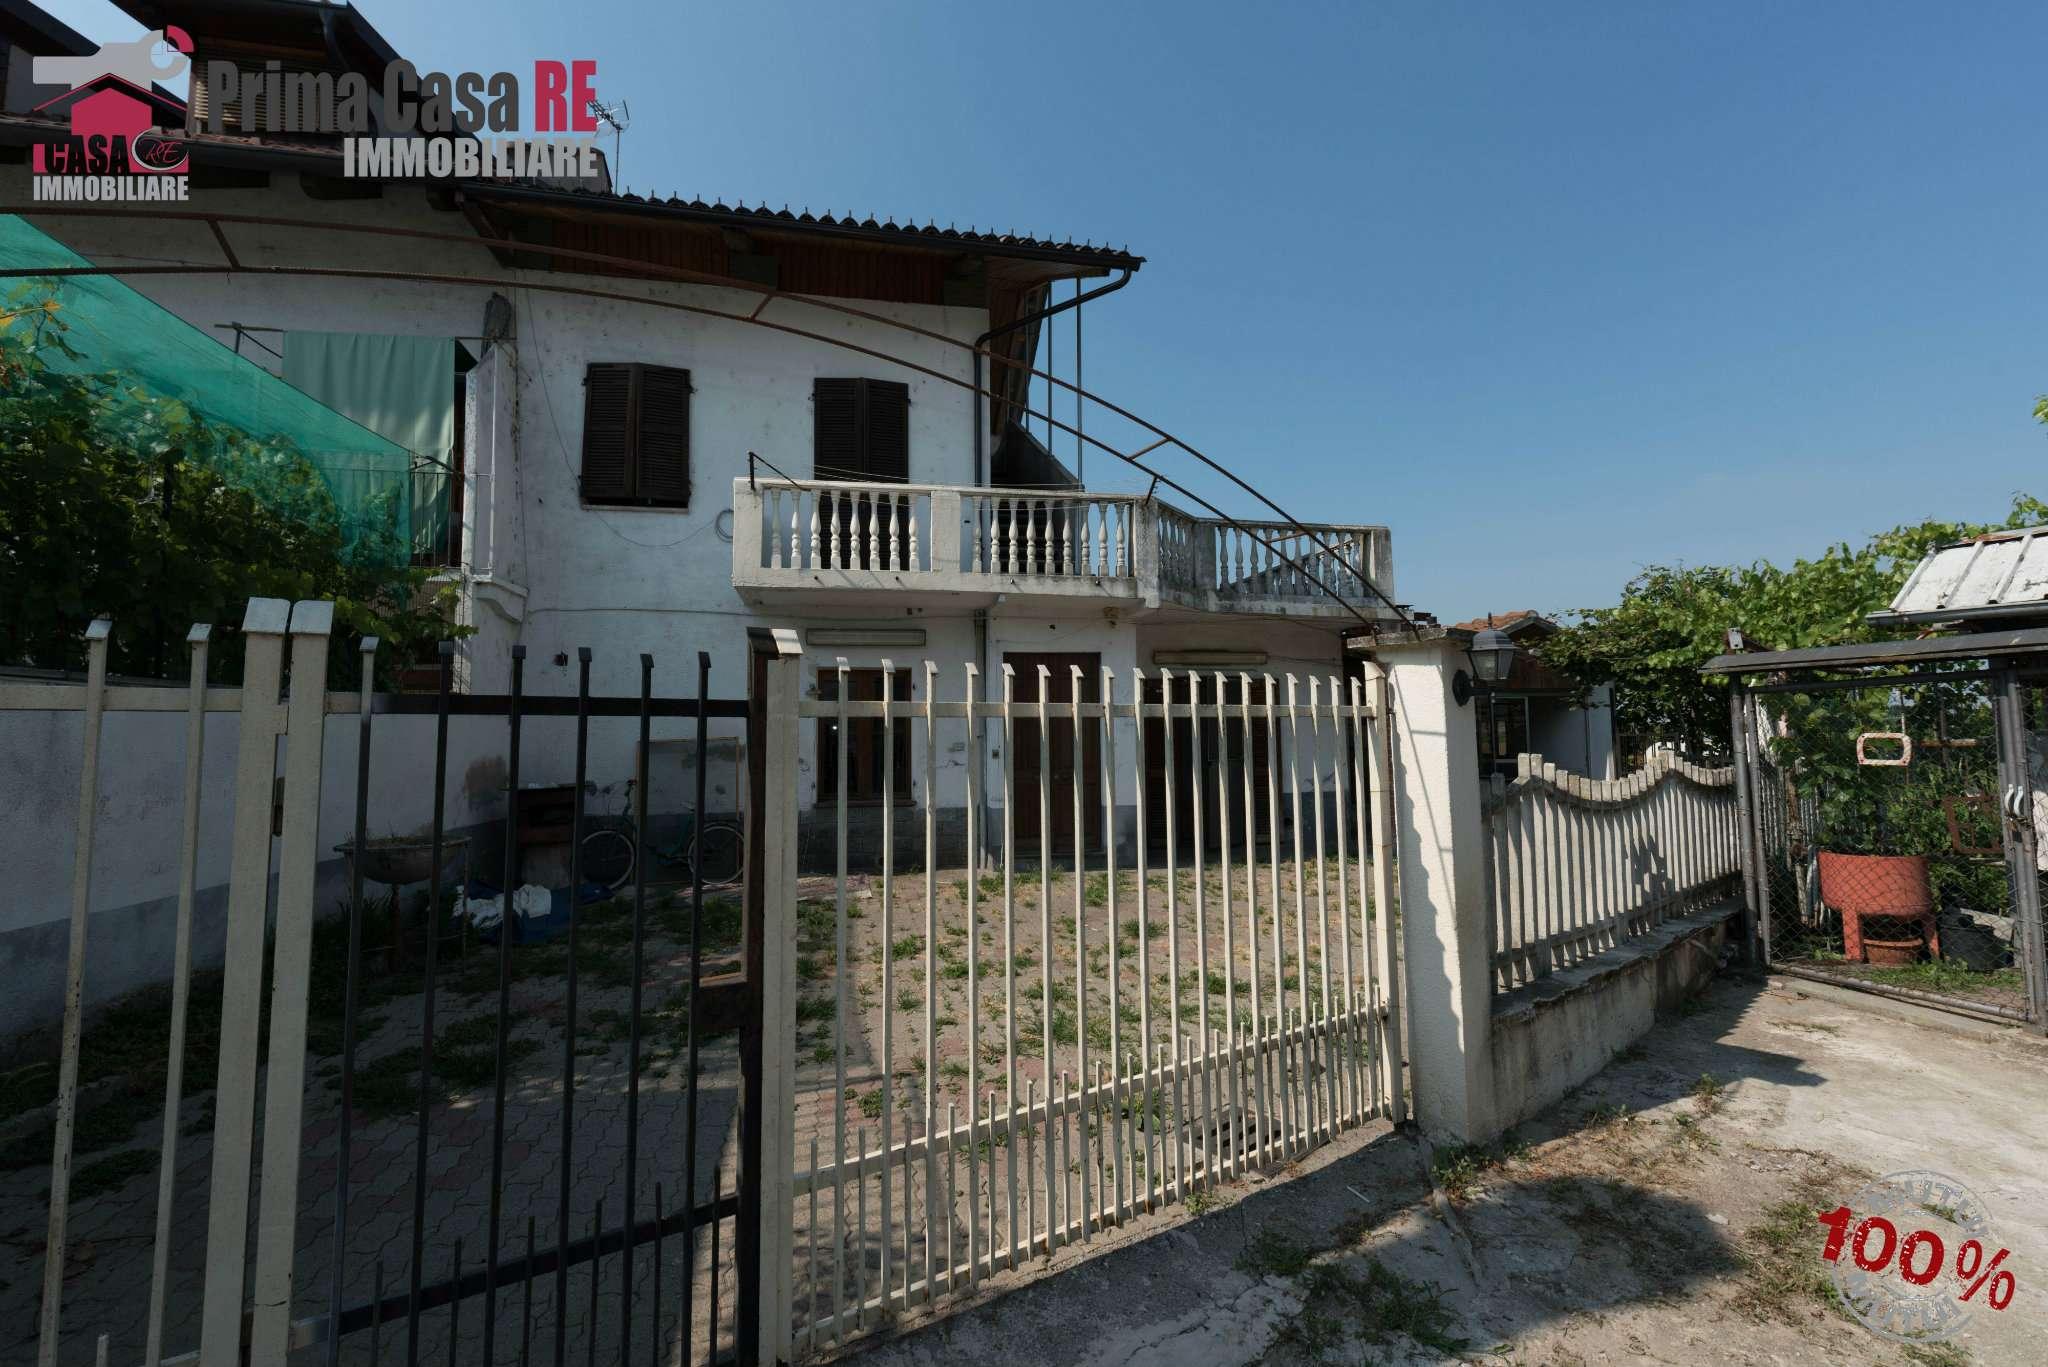 Soluzione Indipendente in vendita a Brandizzo, 4 locali, prezzo € 99.000 | CambioCasa.it